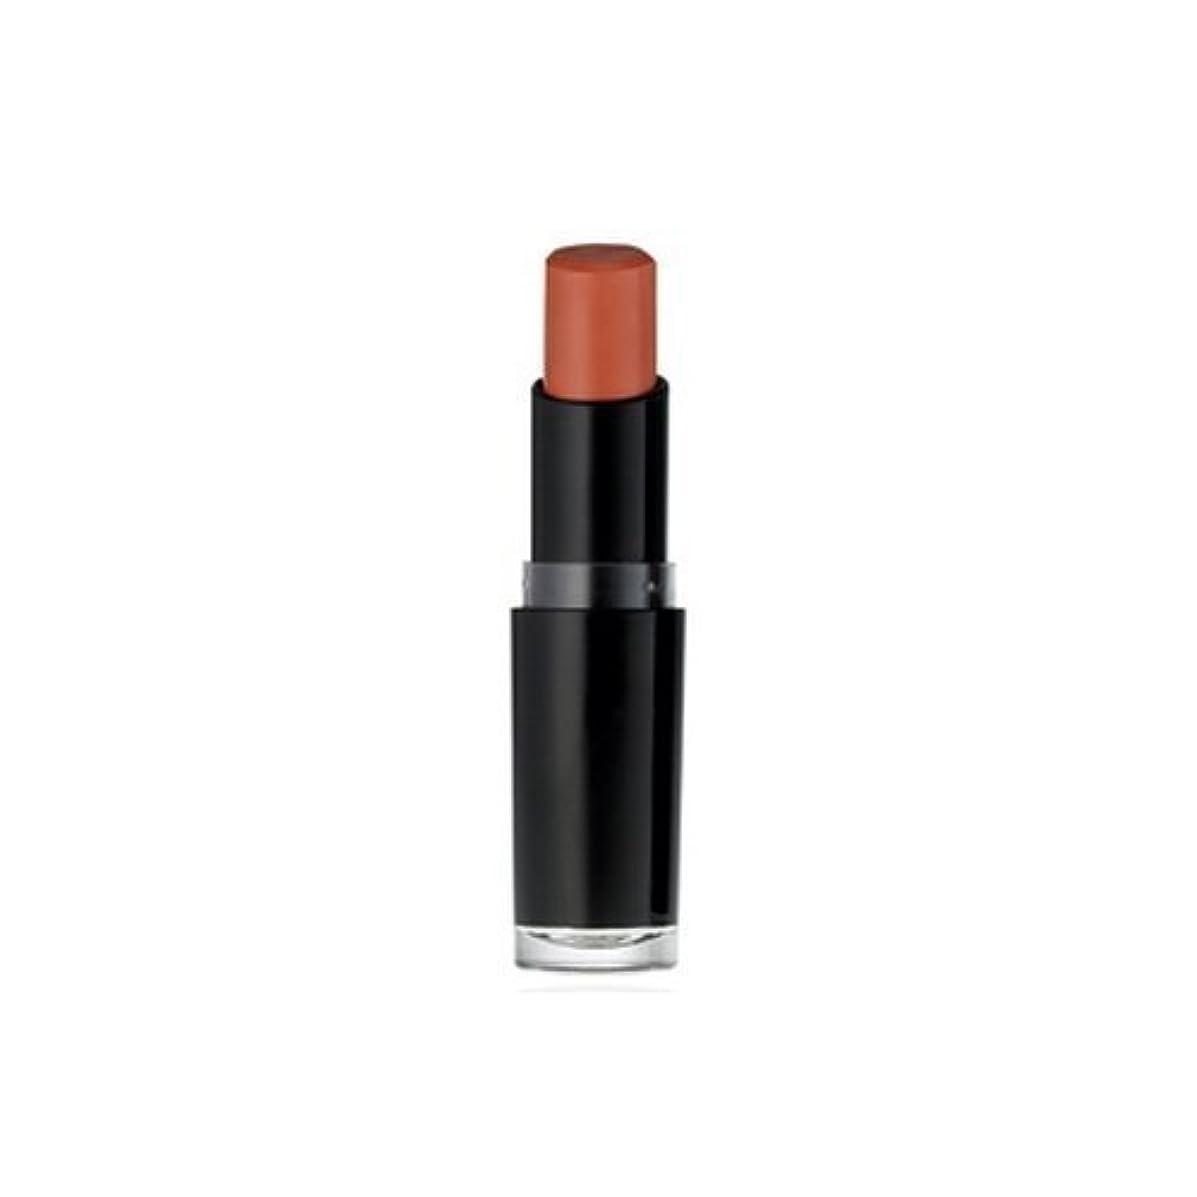 あいまいな交通渋滞交流する(3 Pack) WET N WILD Mega Last Matte Lip Cover Just Peachy (並行輸入品)